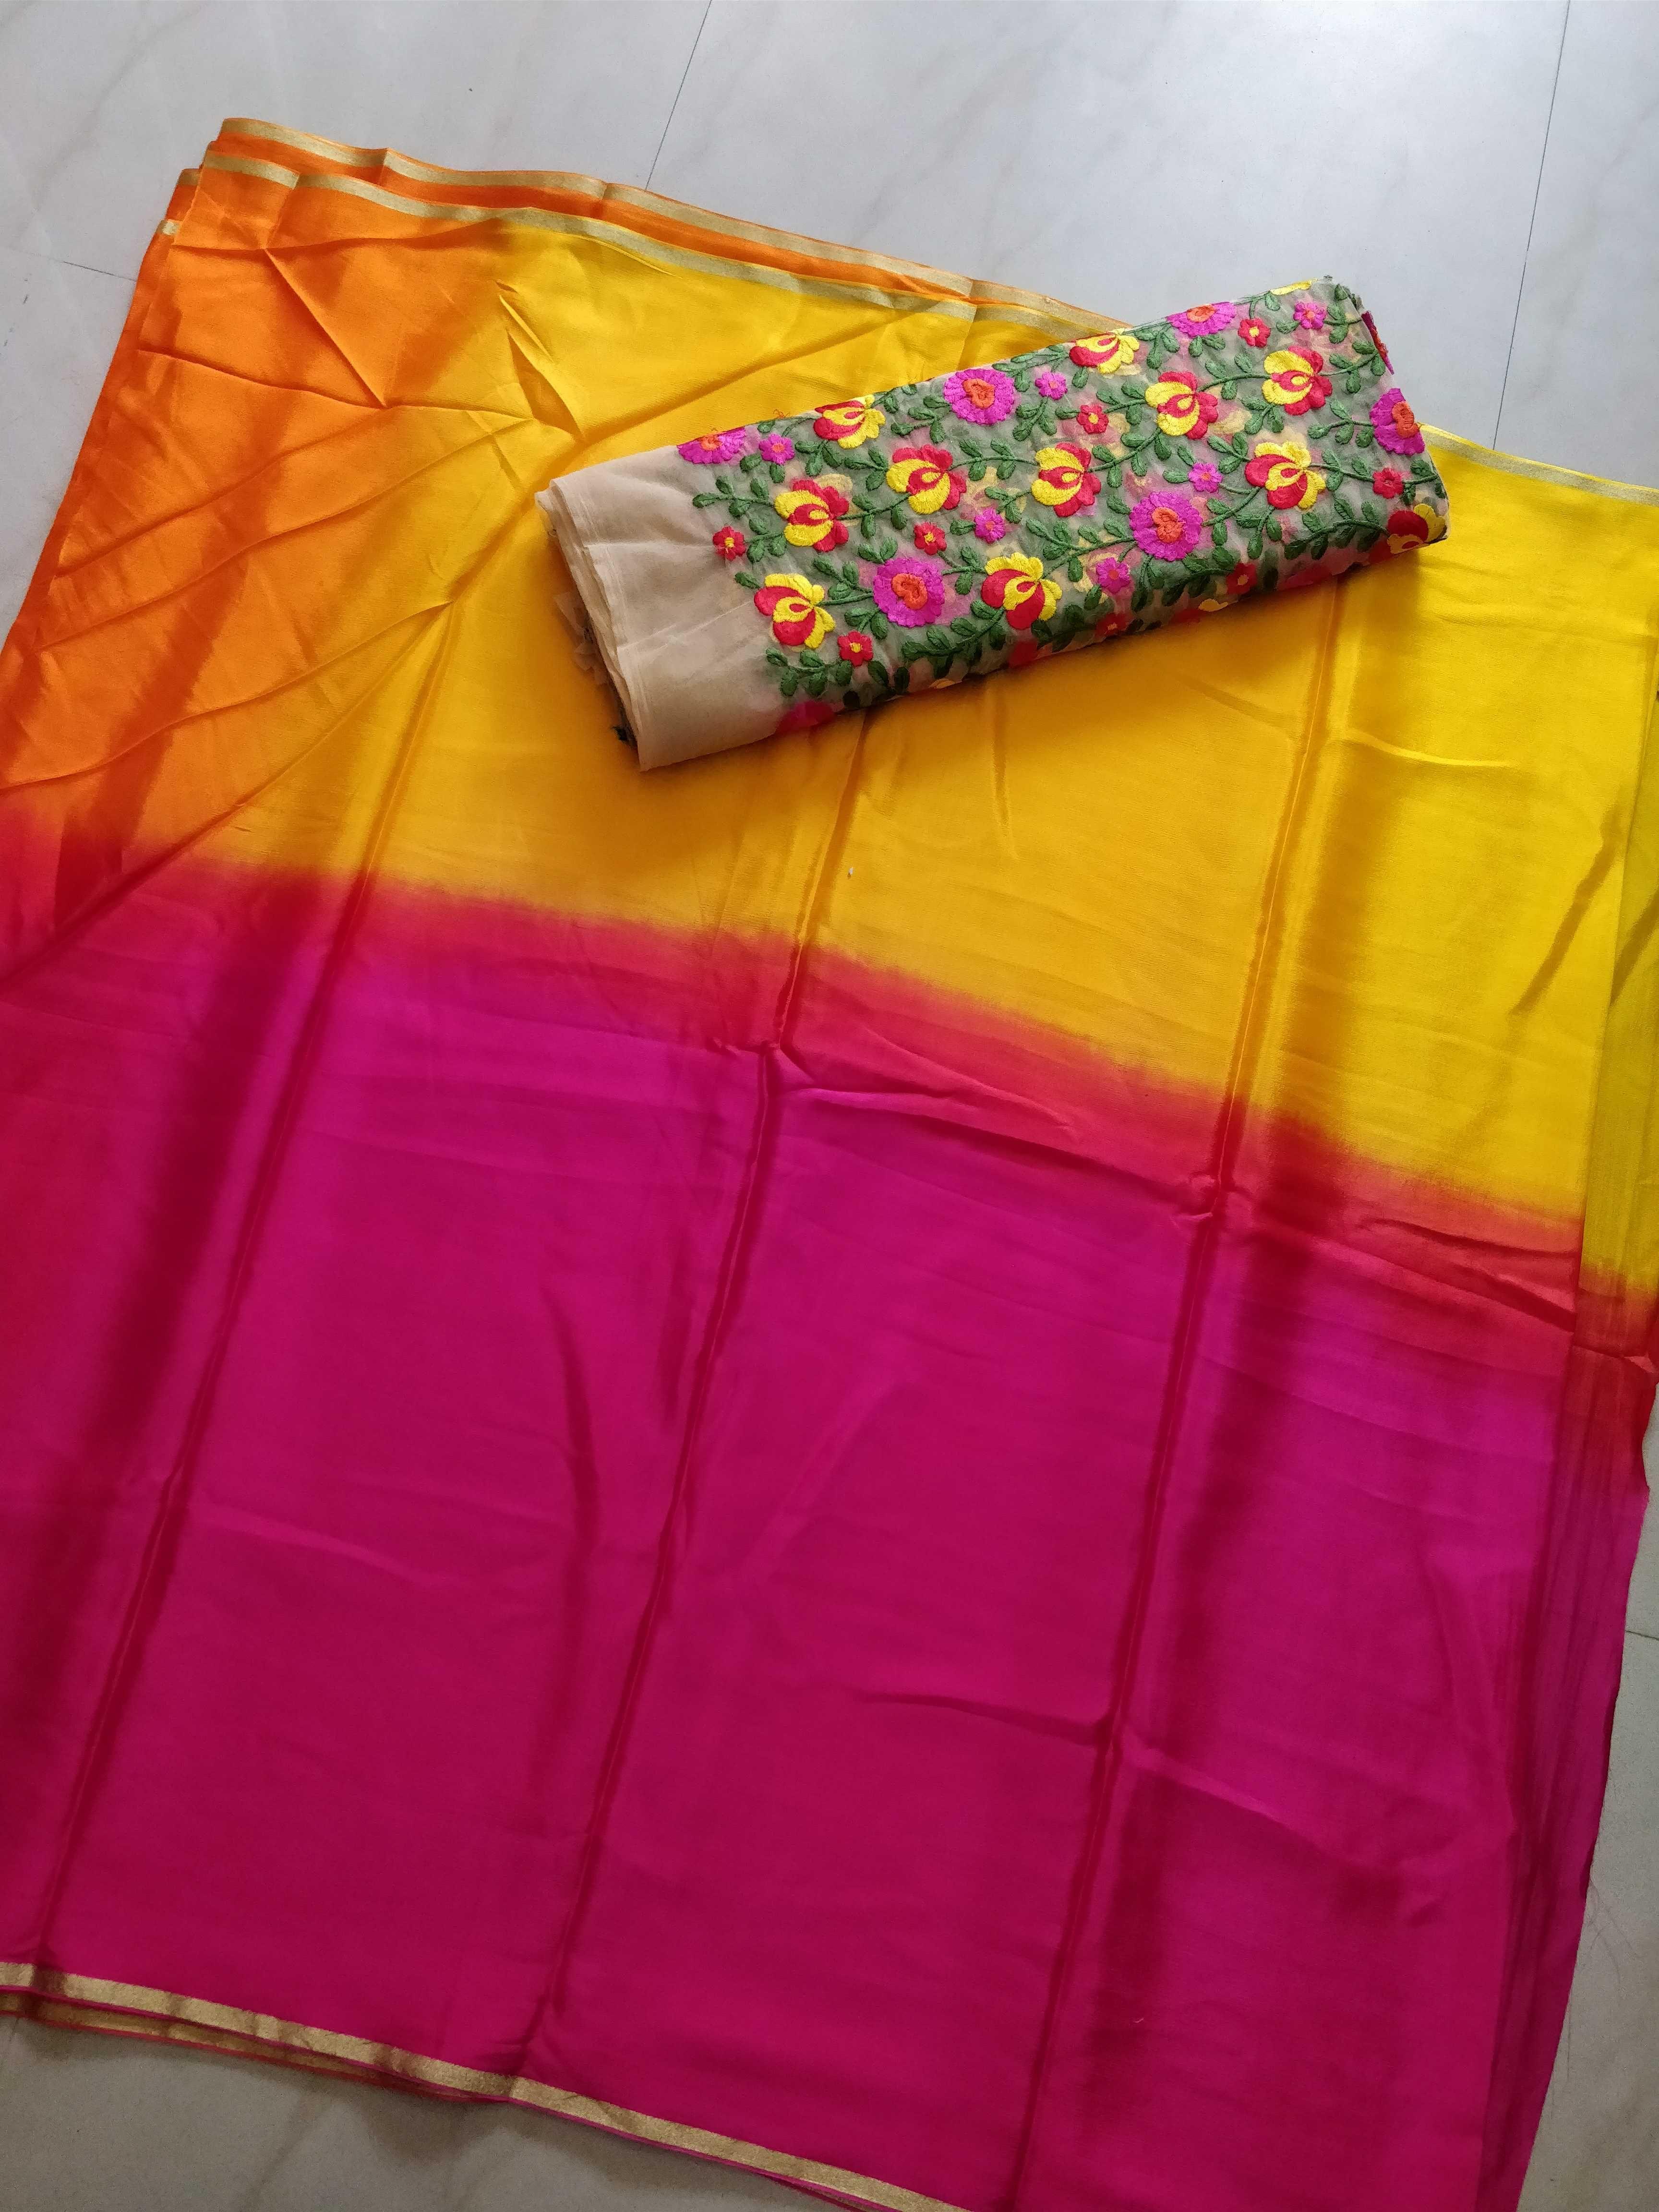 Saree blouse design for chiffon saree chinnon chiffon saree with designer blouse  suji  pinterest